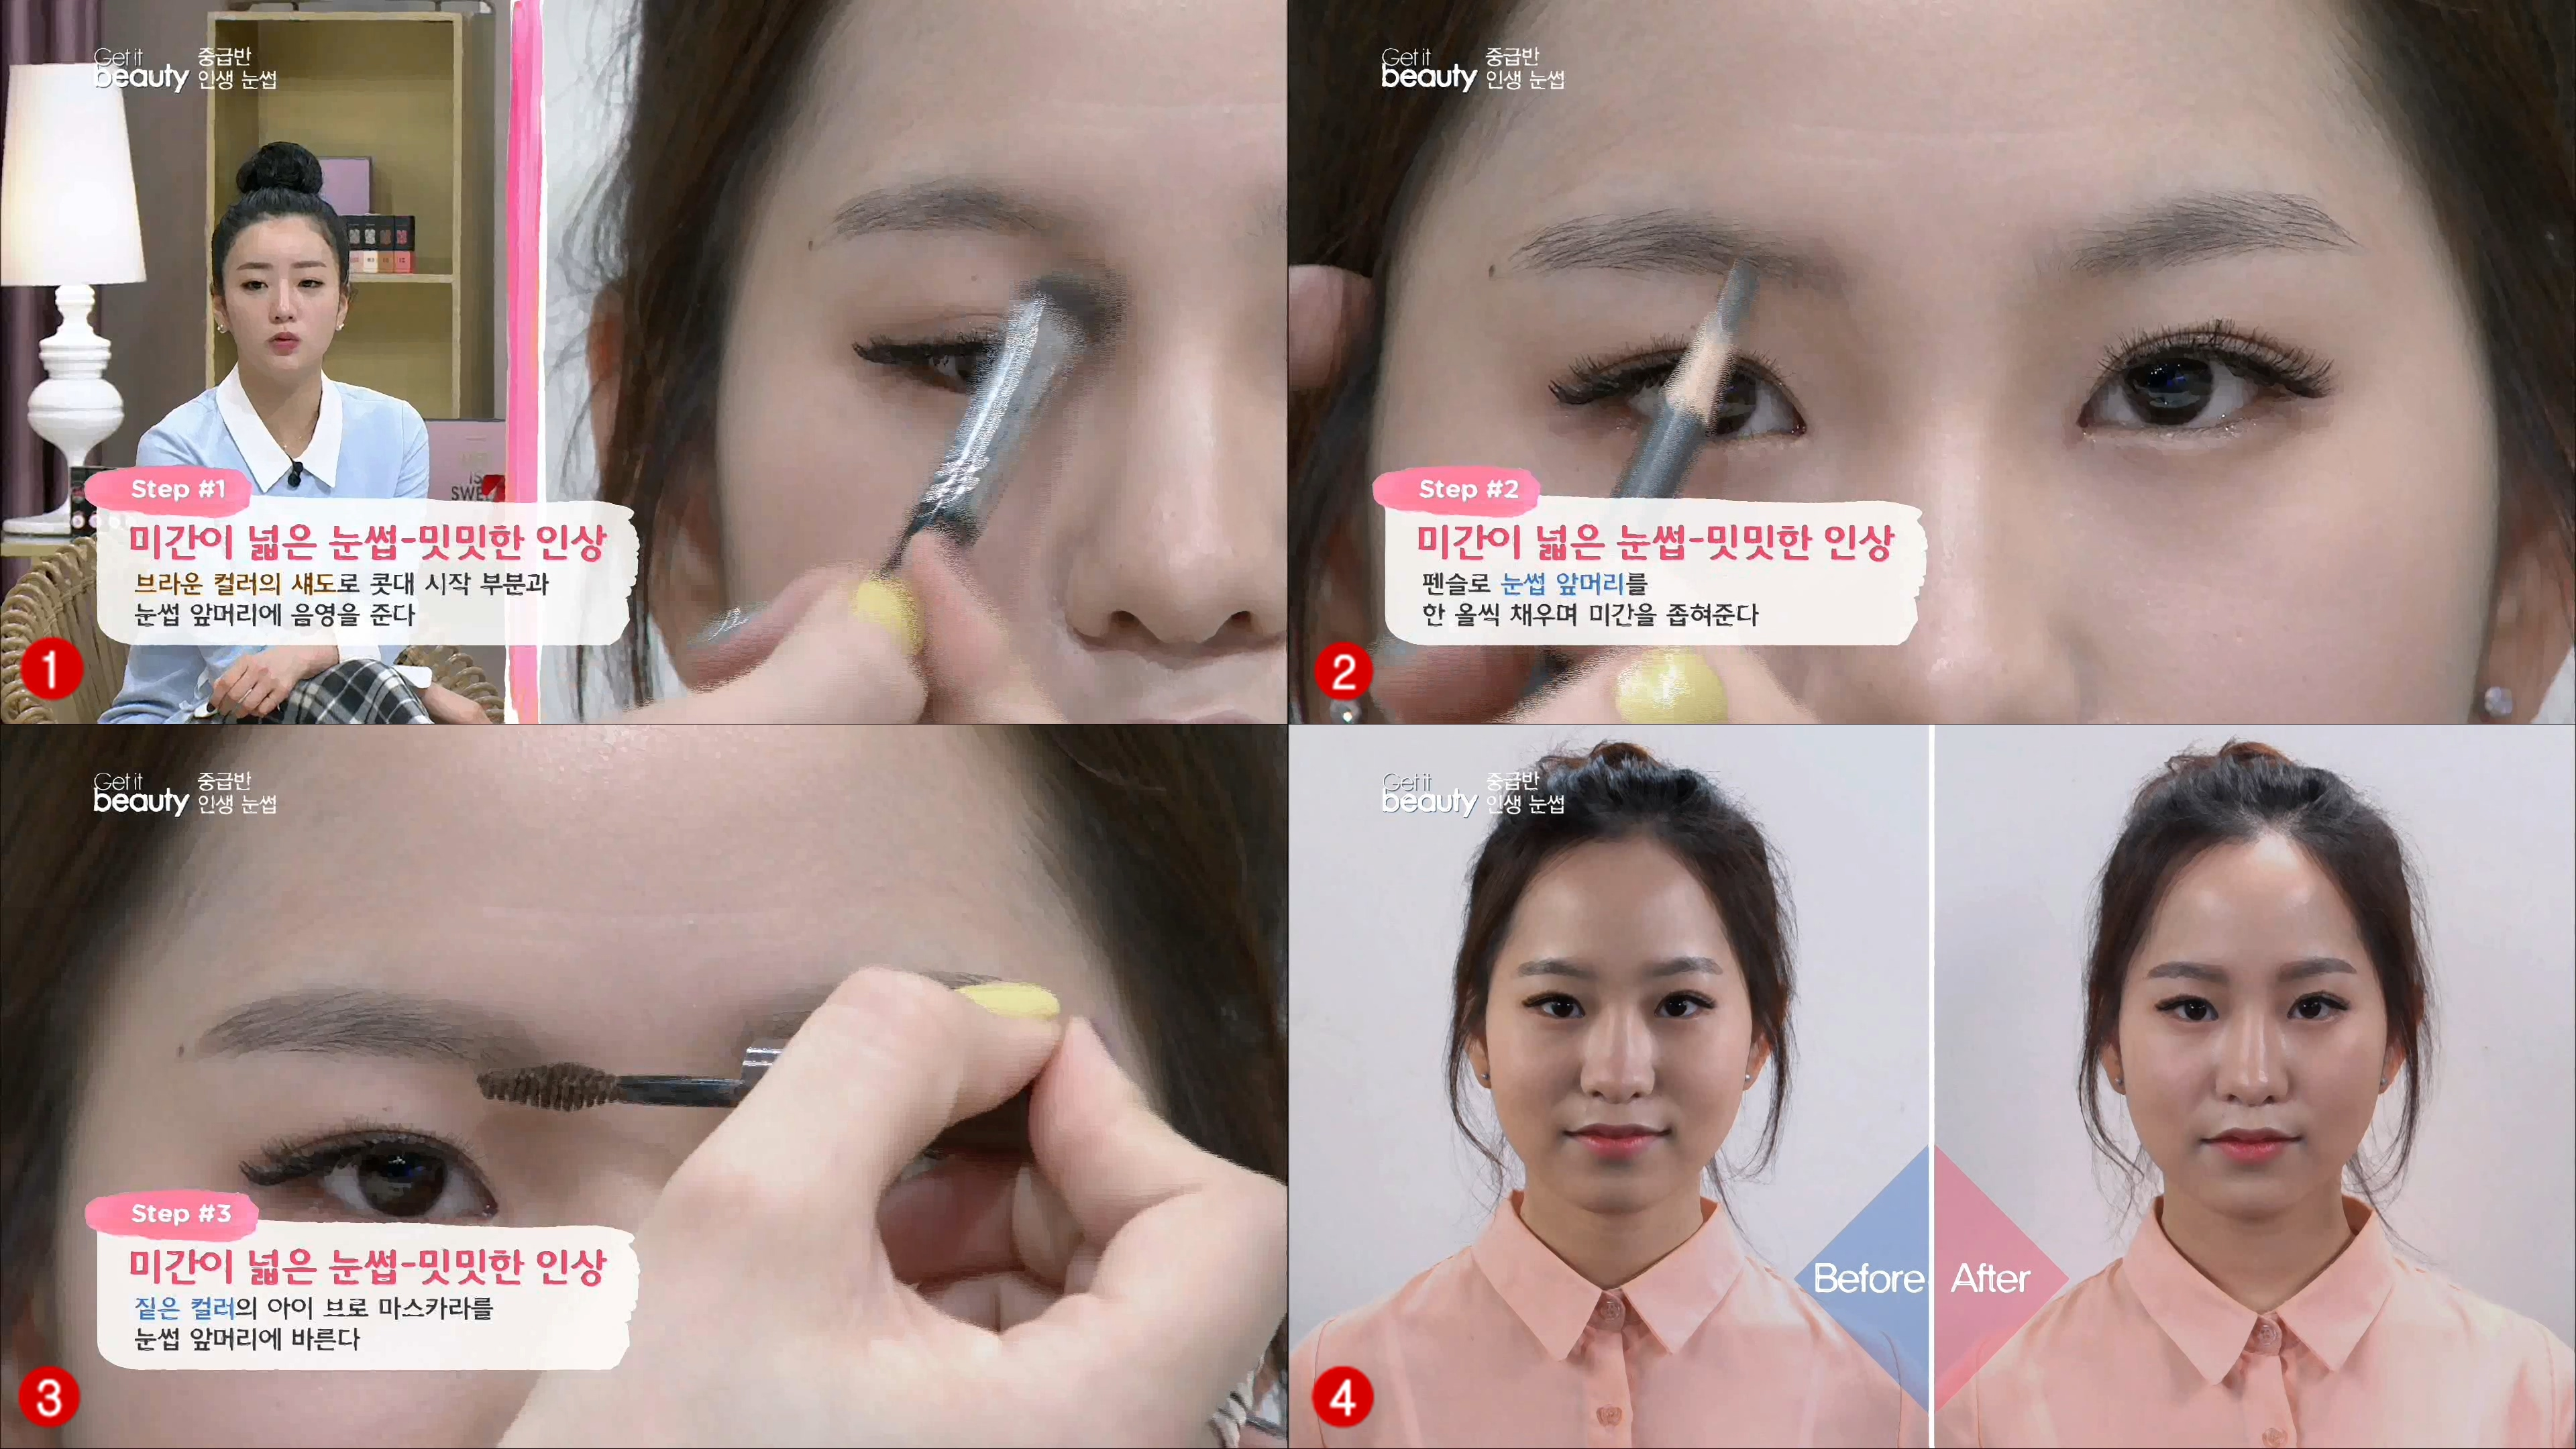 間距太寬的人,需要先使用鼻影粉從眉頭至鼻樑的三角處打出鼻影,接著使用眉筆填補眉頭的空隙後,再用染眉膏強調前頭的部分~